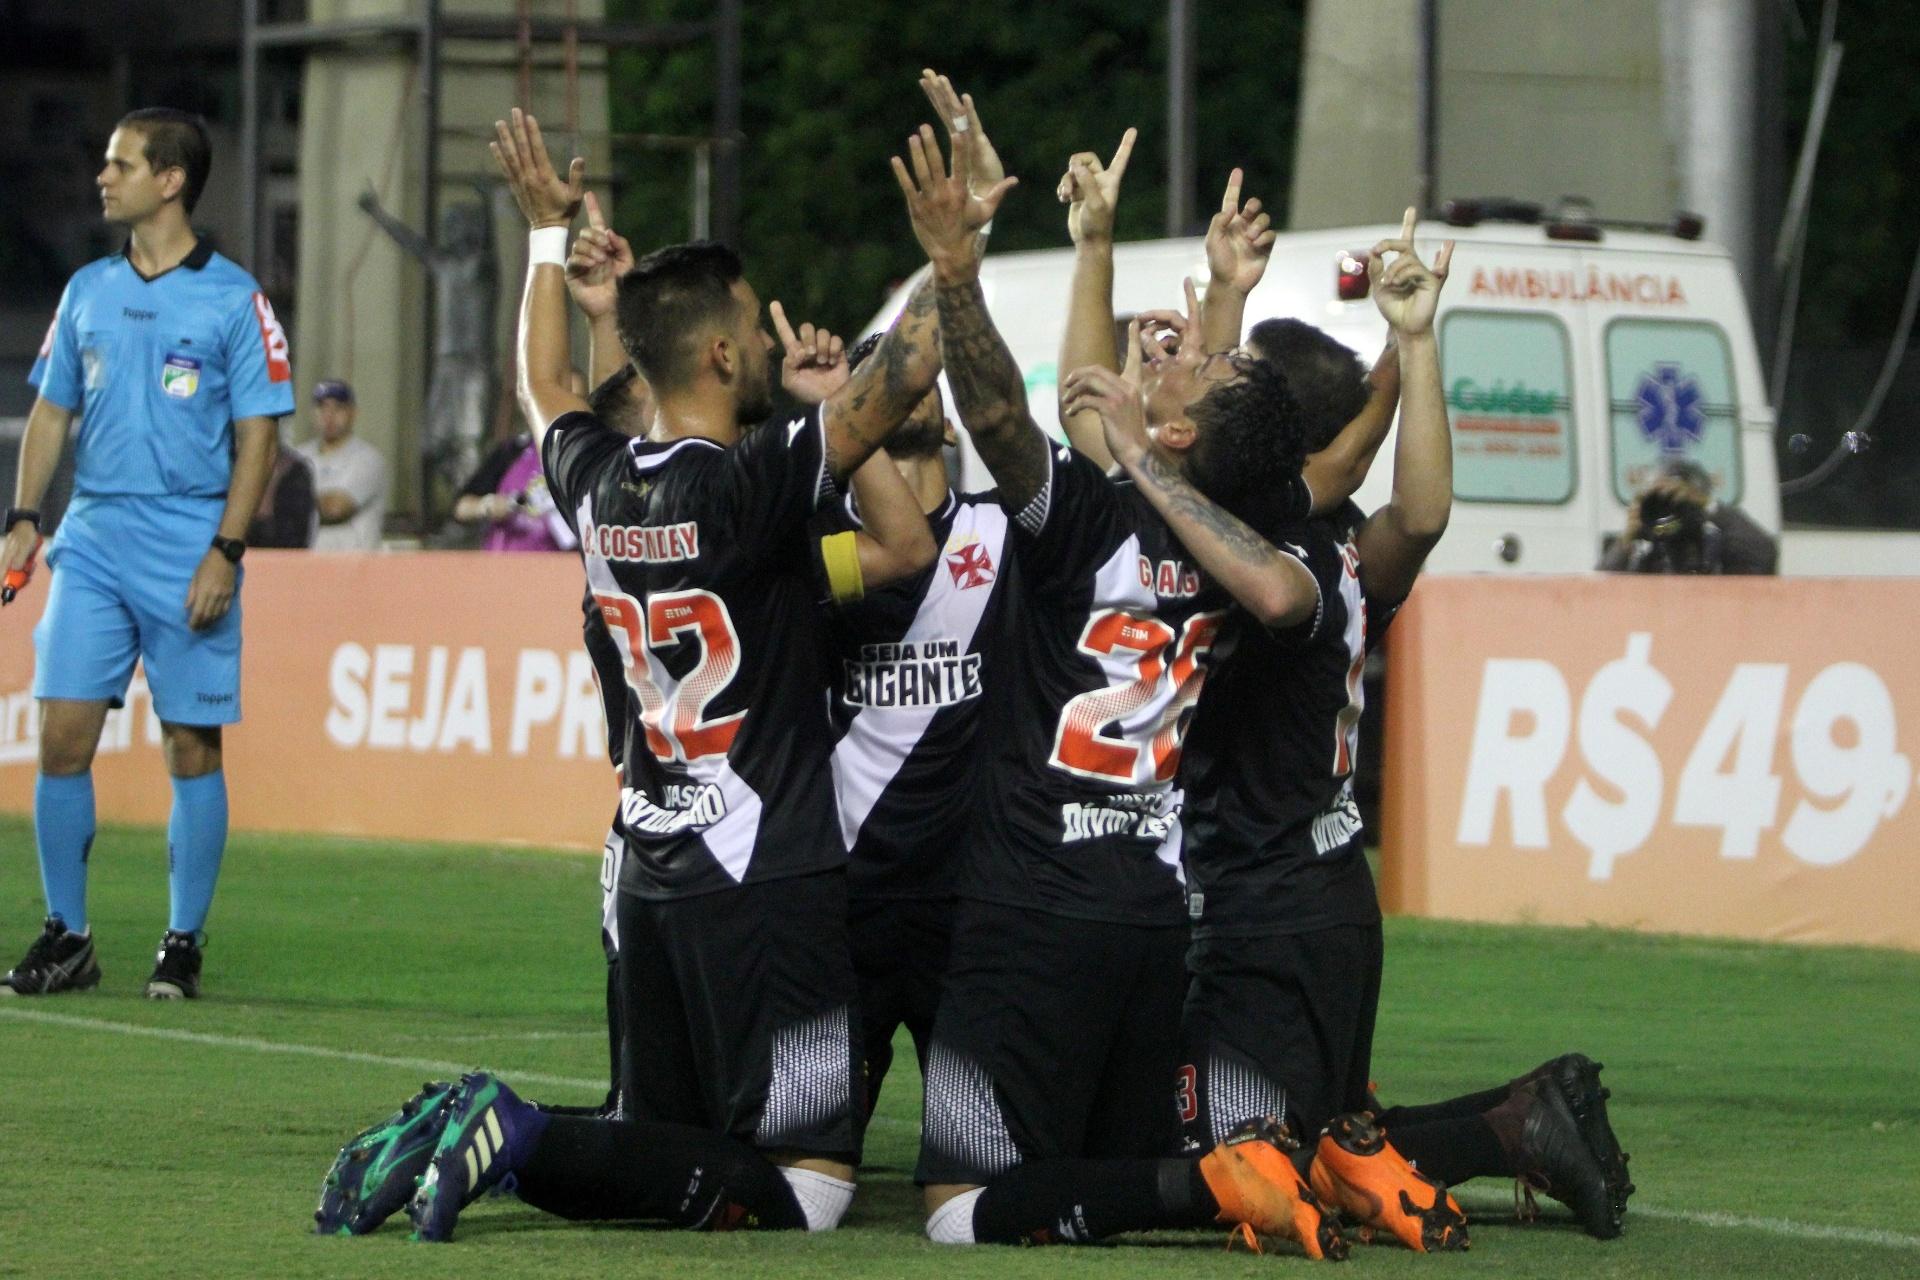 2a20ccd0ec Ramon salva o Vasco no fim e time vence o Sport em São Januário -  09 06 2018 - UOL Esporte